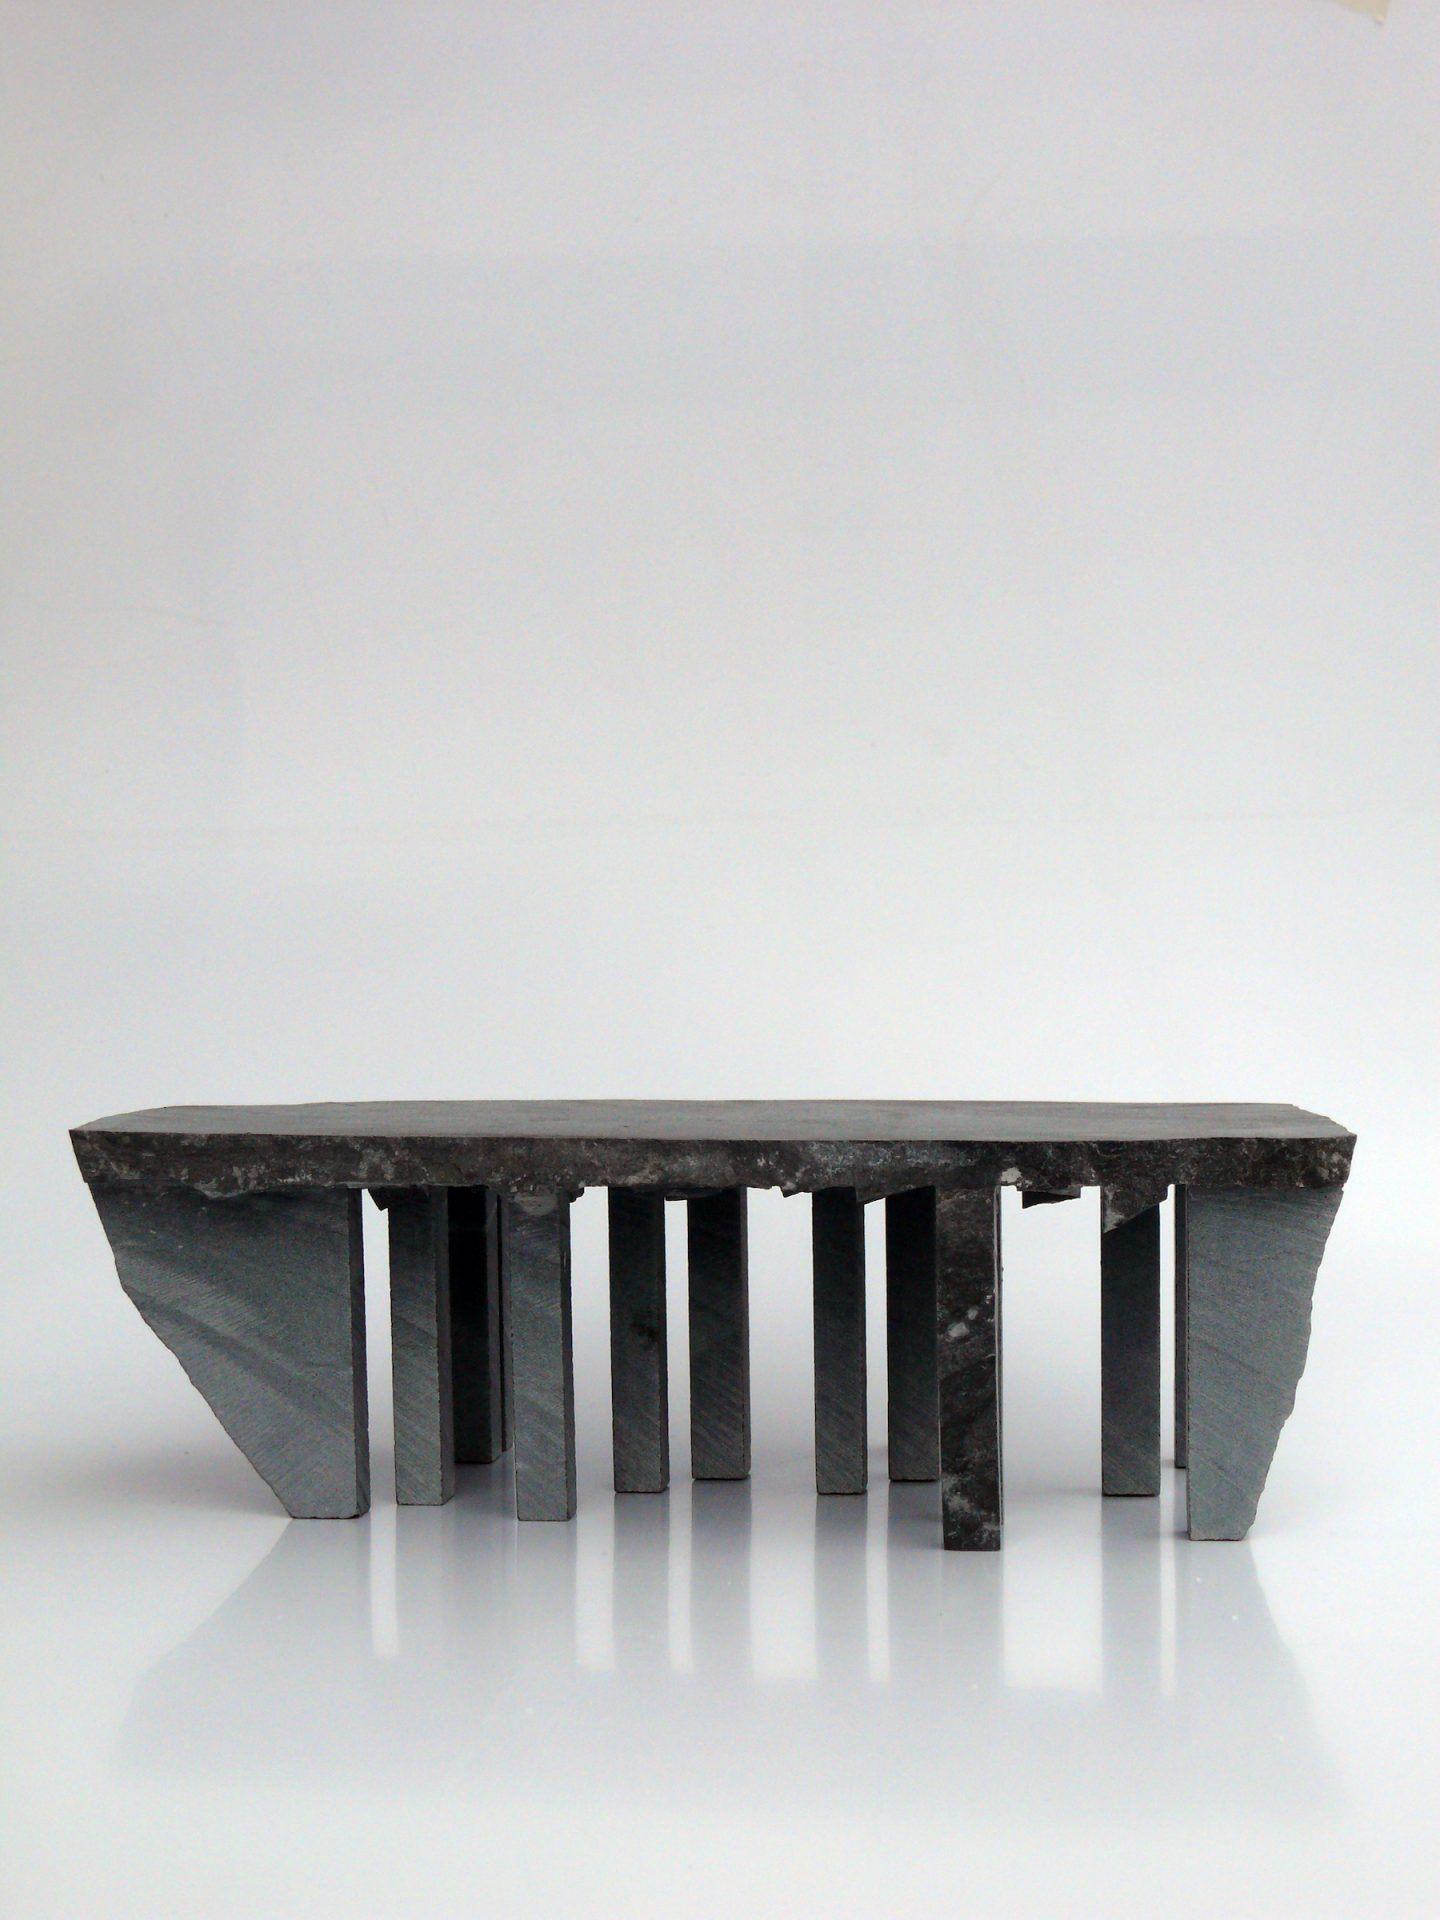 IGNANT-Design-Lex-Pott-015